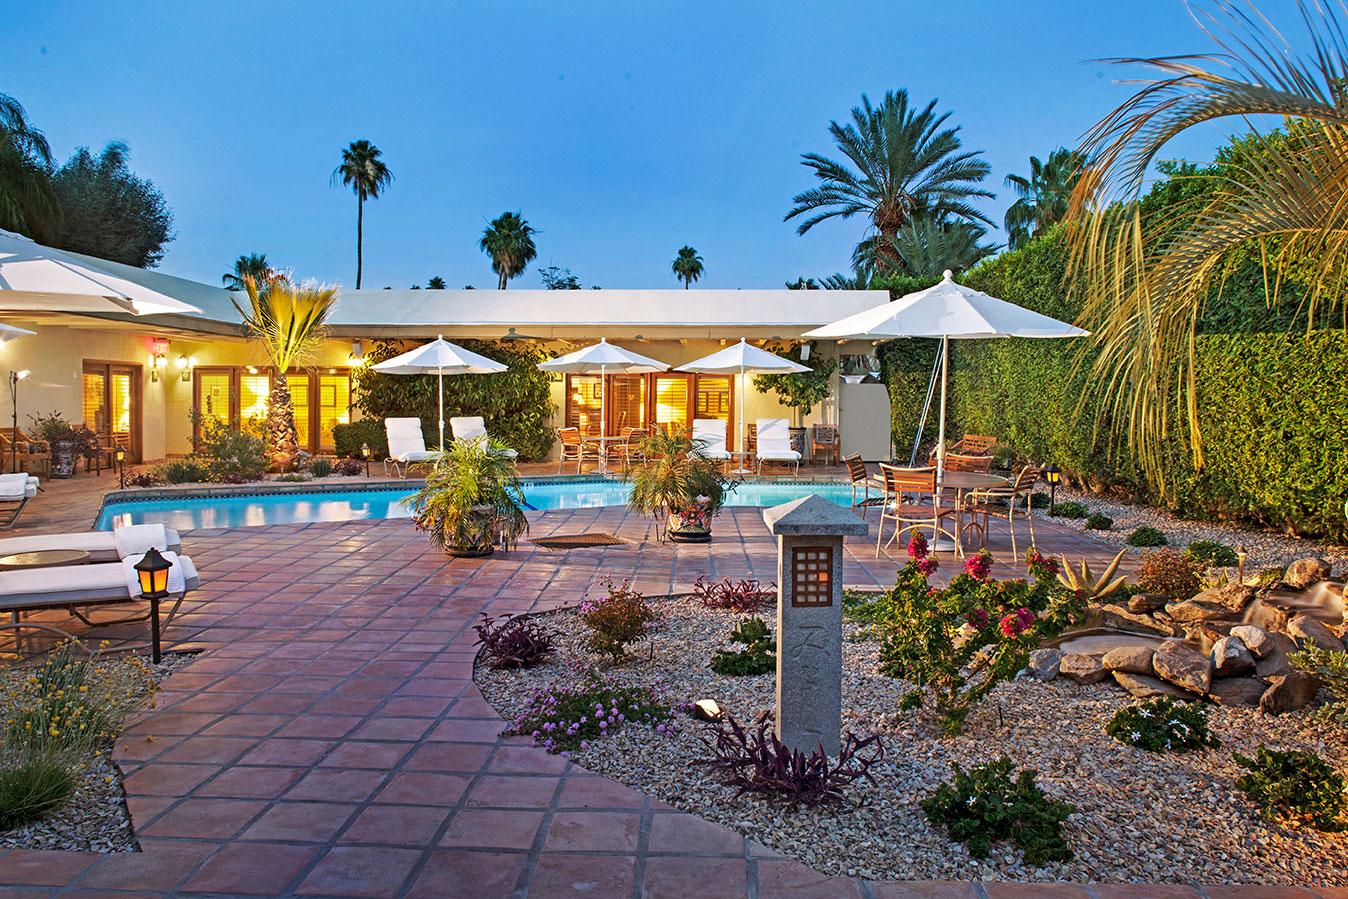 Patio & Pool at The Hacienda at Warm Sands